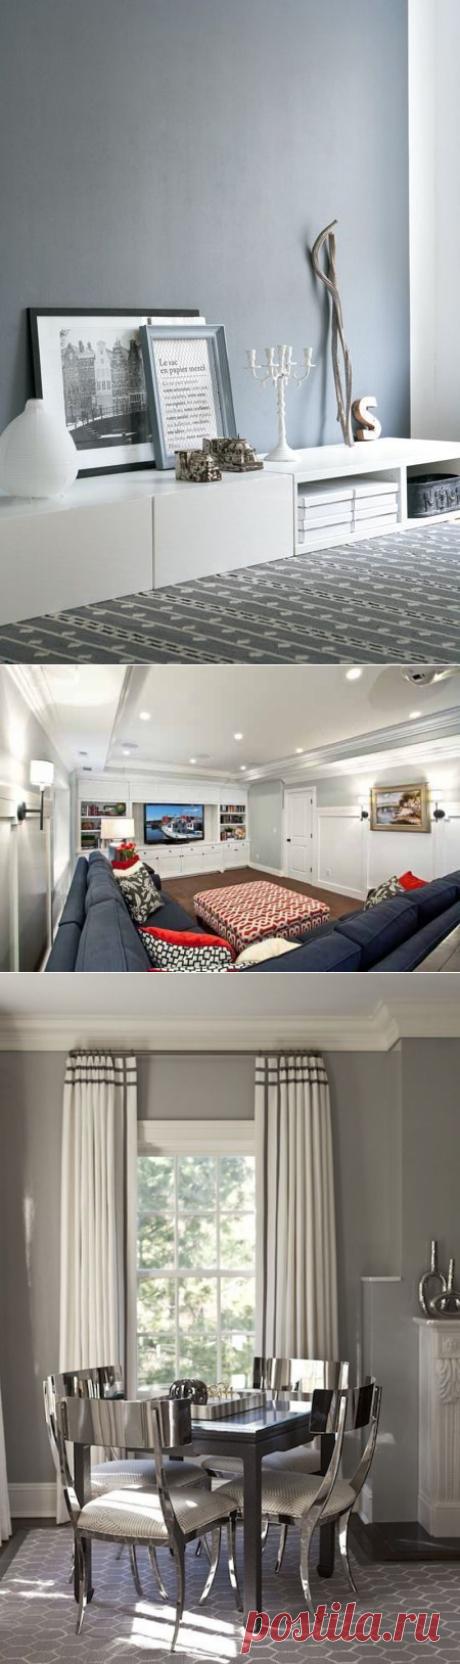 Как визуально «приподнять» потолок: 10 дизайнерских приемов   Свежие идеи дизайна интерьеров, декора, архитектуры на InMyRoom.ru